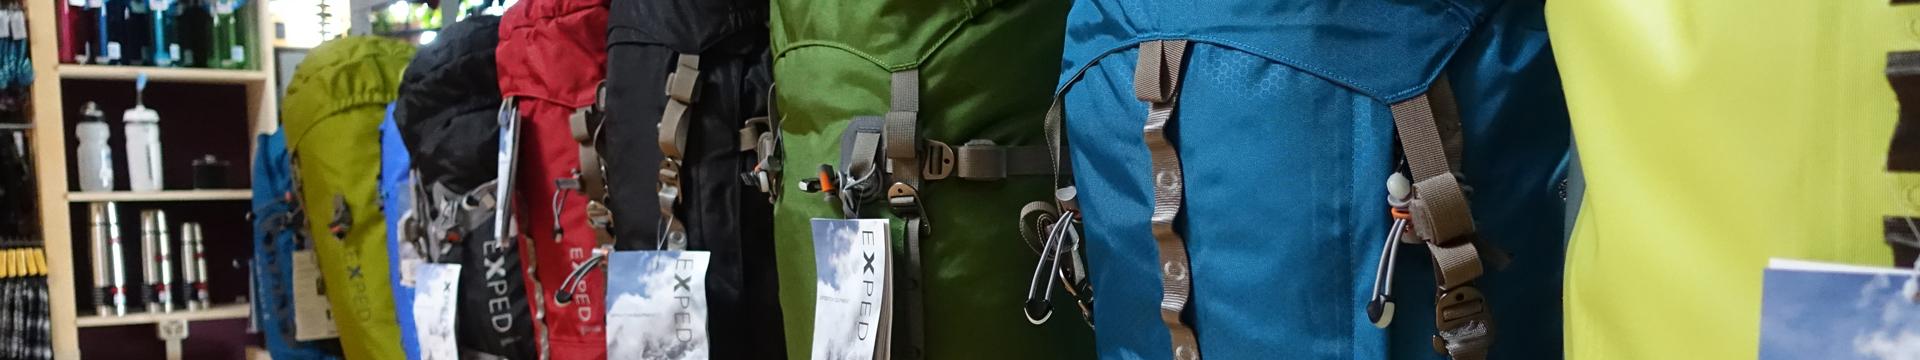 Bilder von trail and outdoorshop.ch